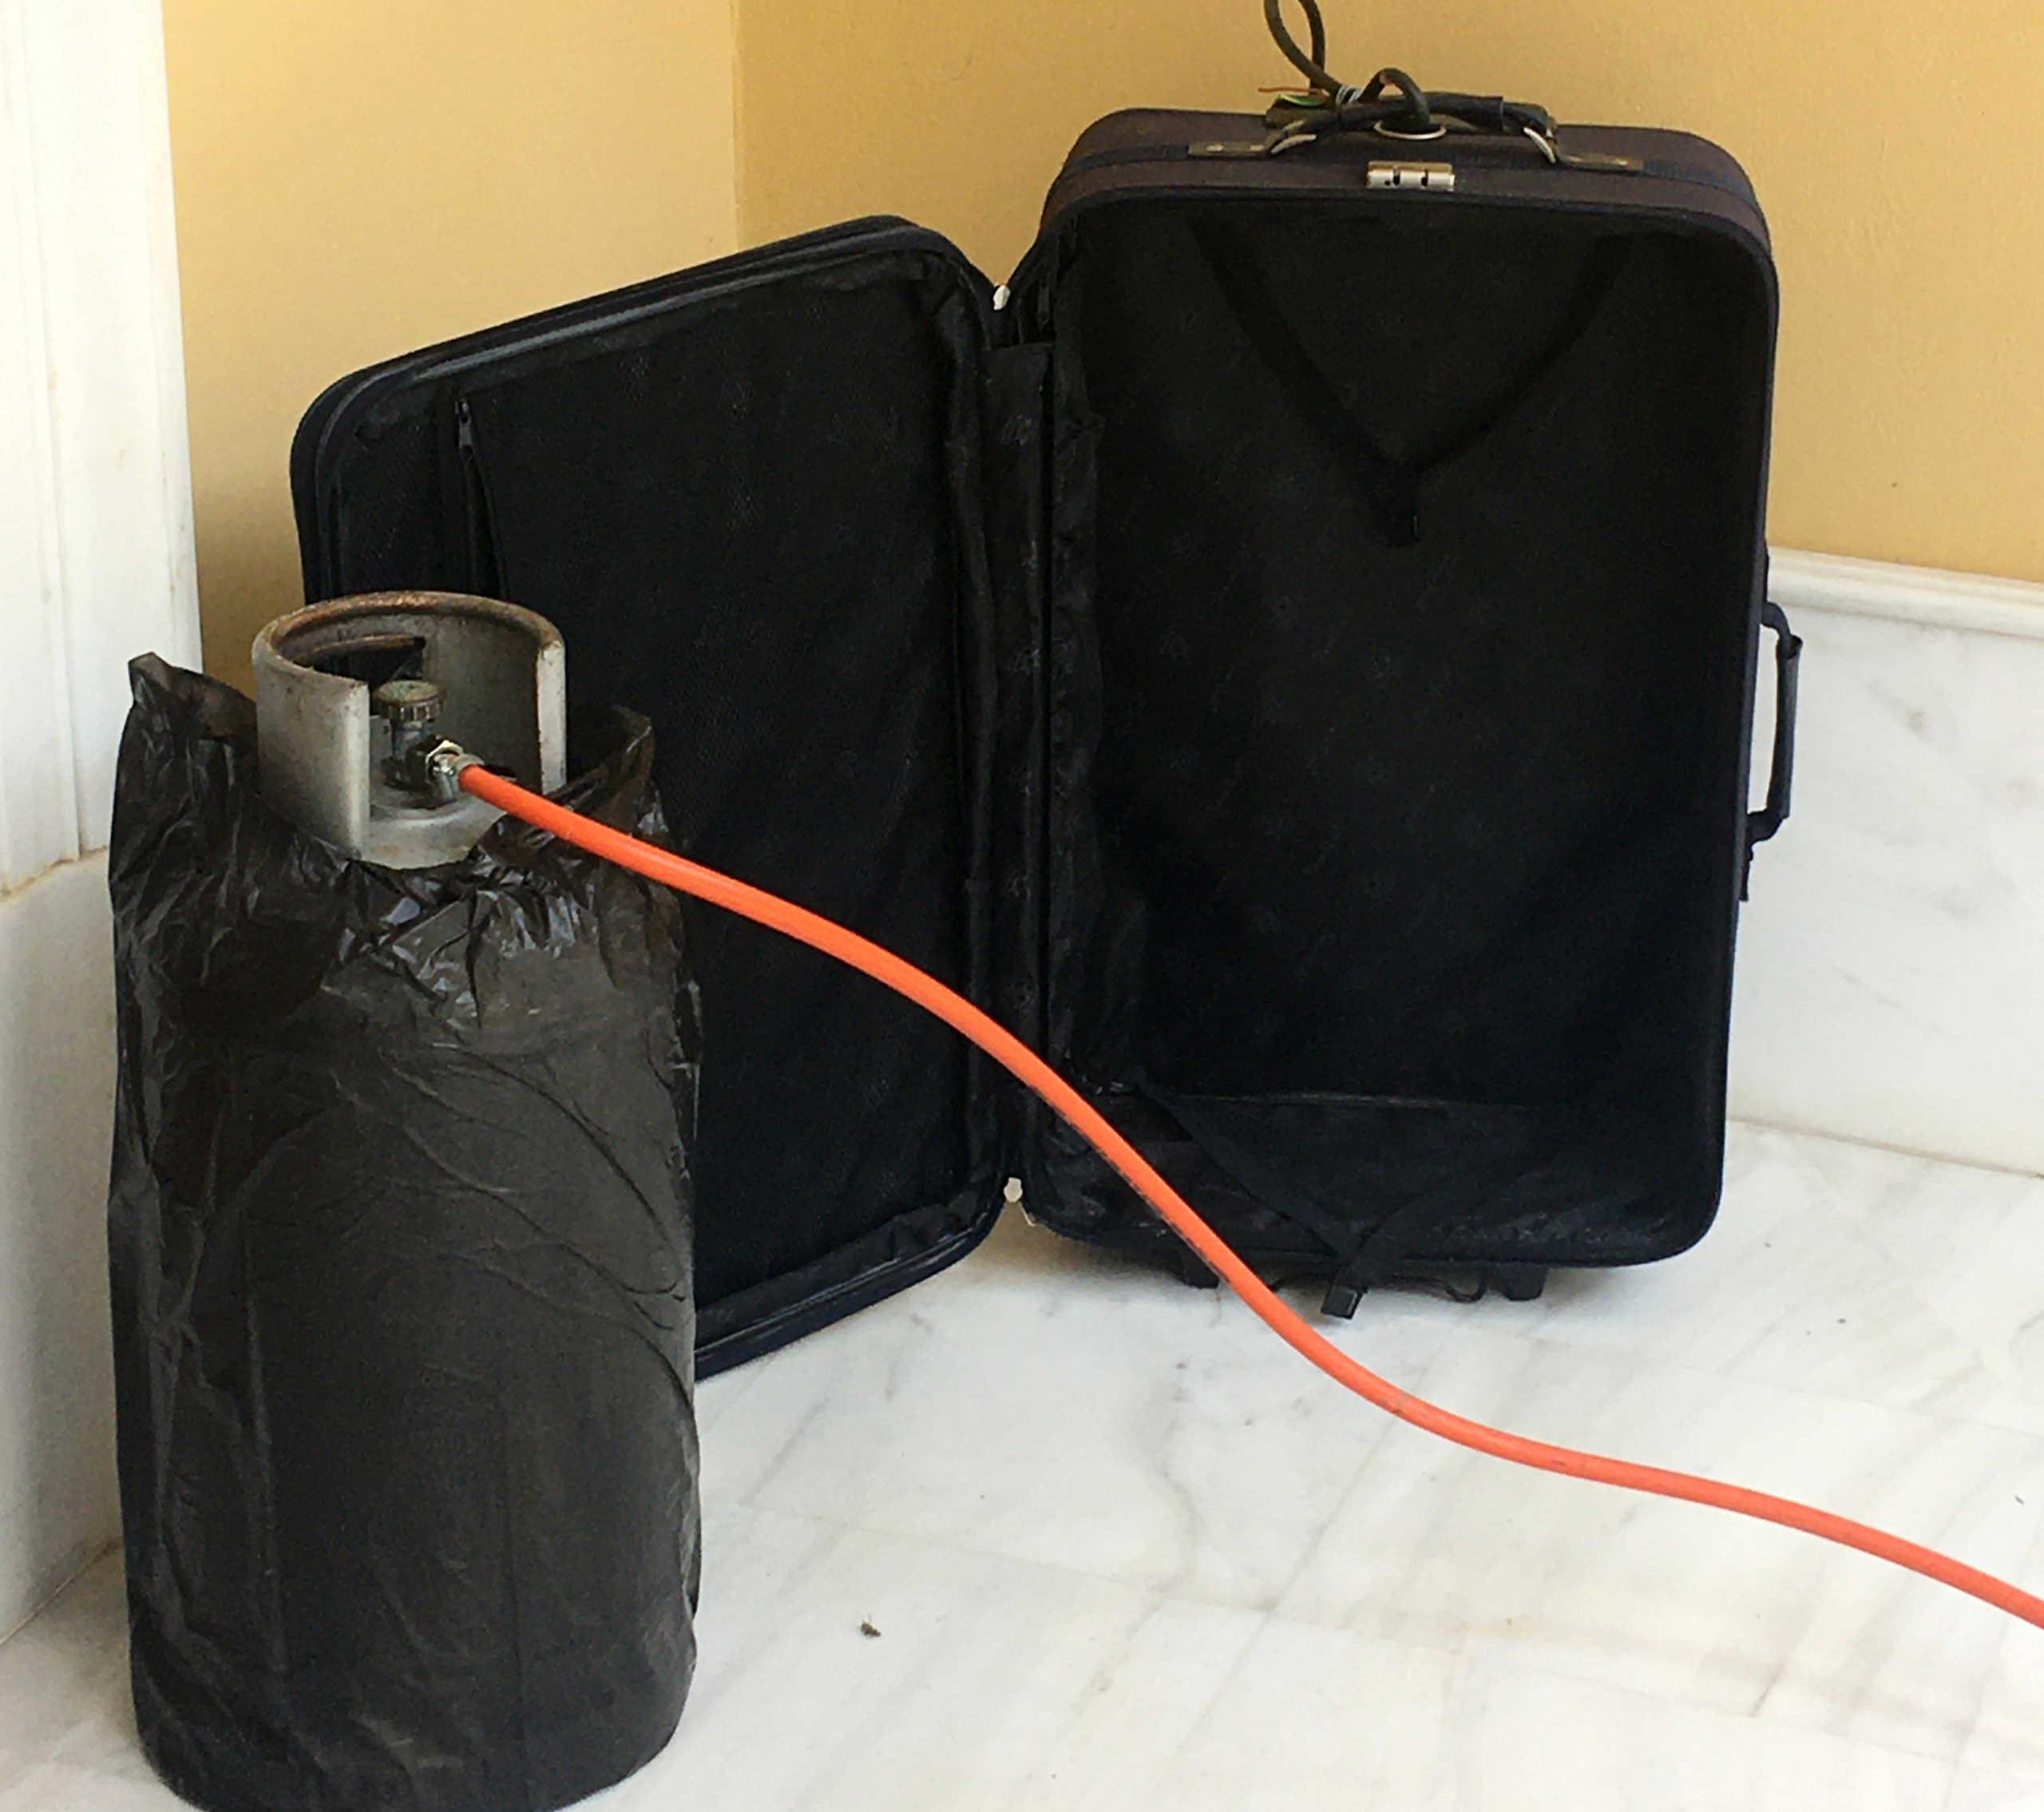 Αυτή είναι η φιάλη και η βαλίτσα που σήμαναν συναγερμό στη Μονή Πετράκη (pics)